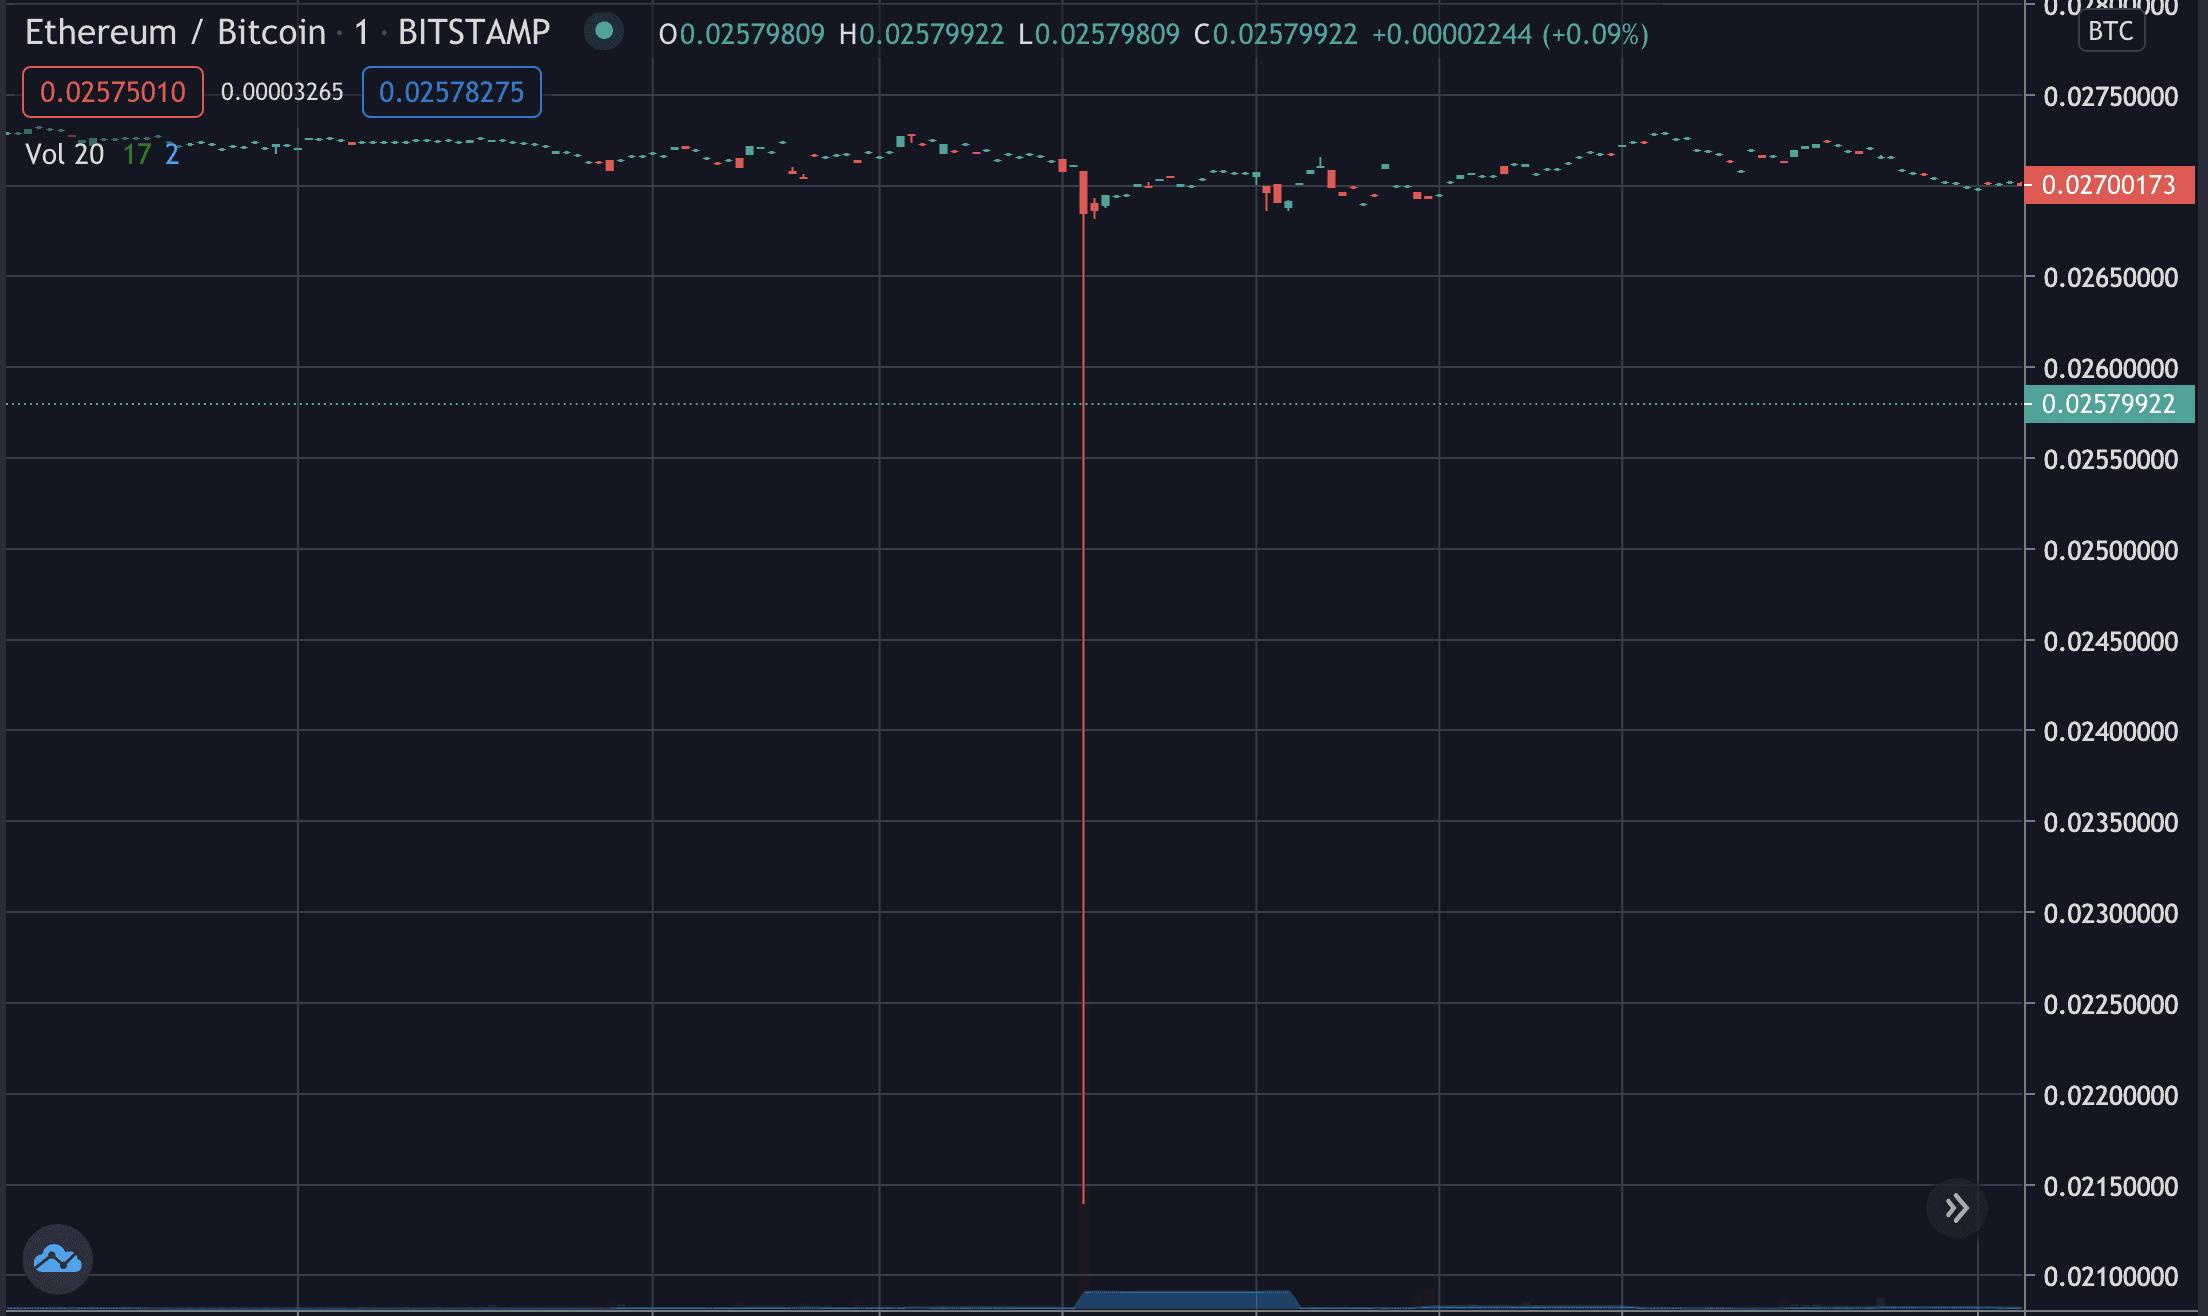 Ethereum ratio flash crashes, Dec 2020